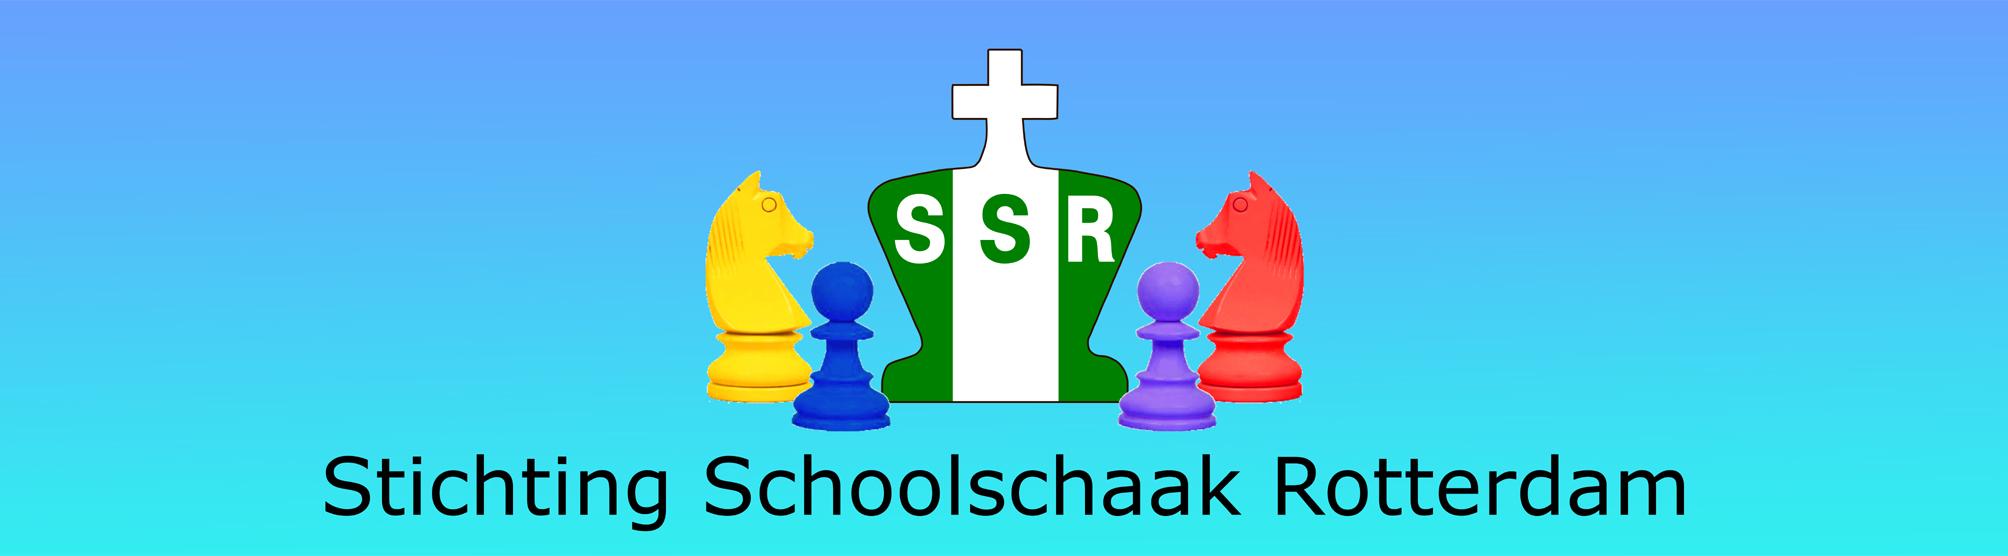 Stichting Schoolschaak Rotterdam